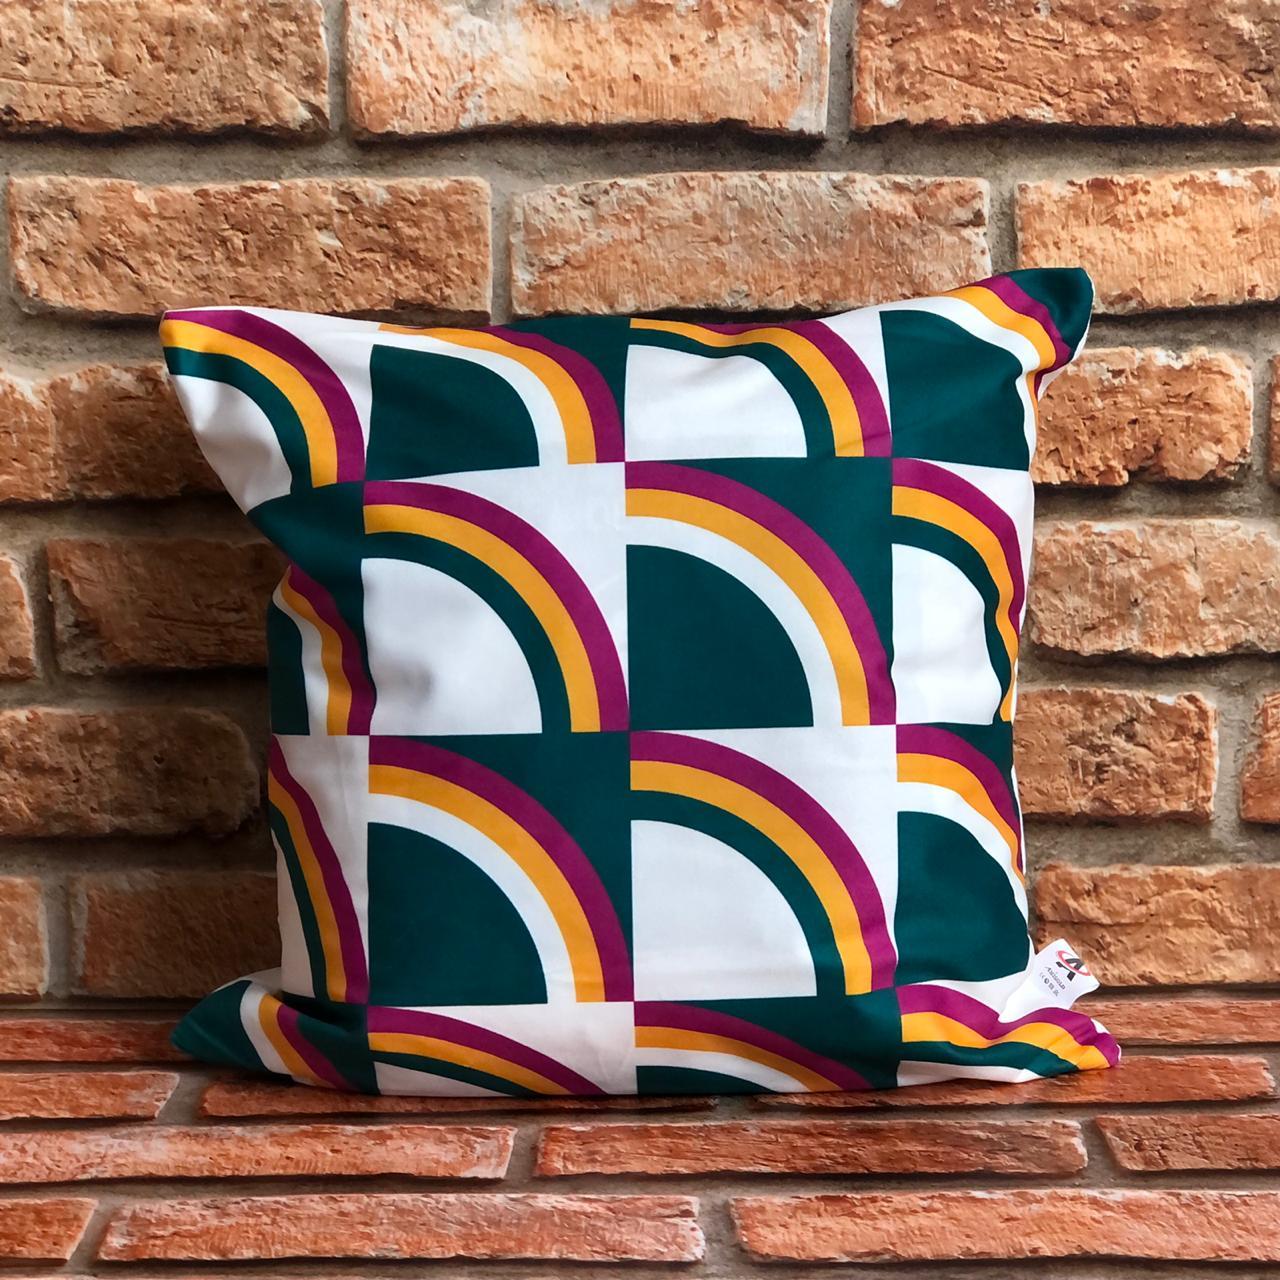 Kit com 3 Capas de Almofada Coloridas Arco-íris